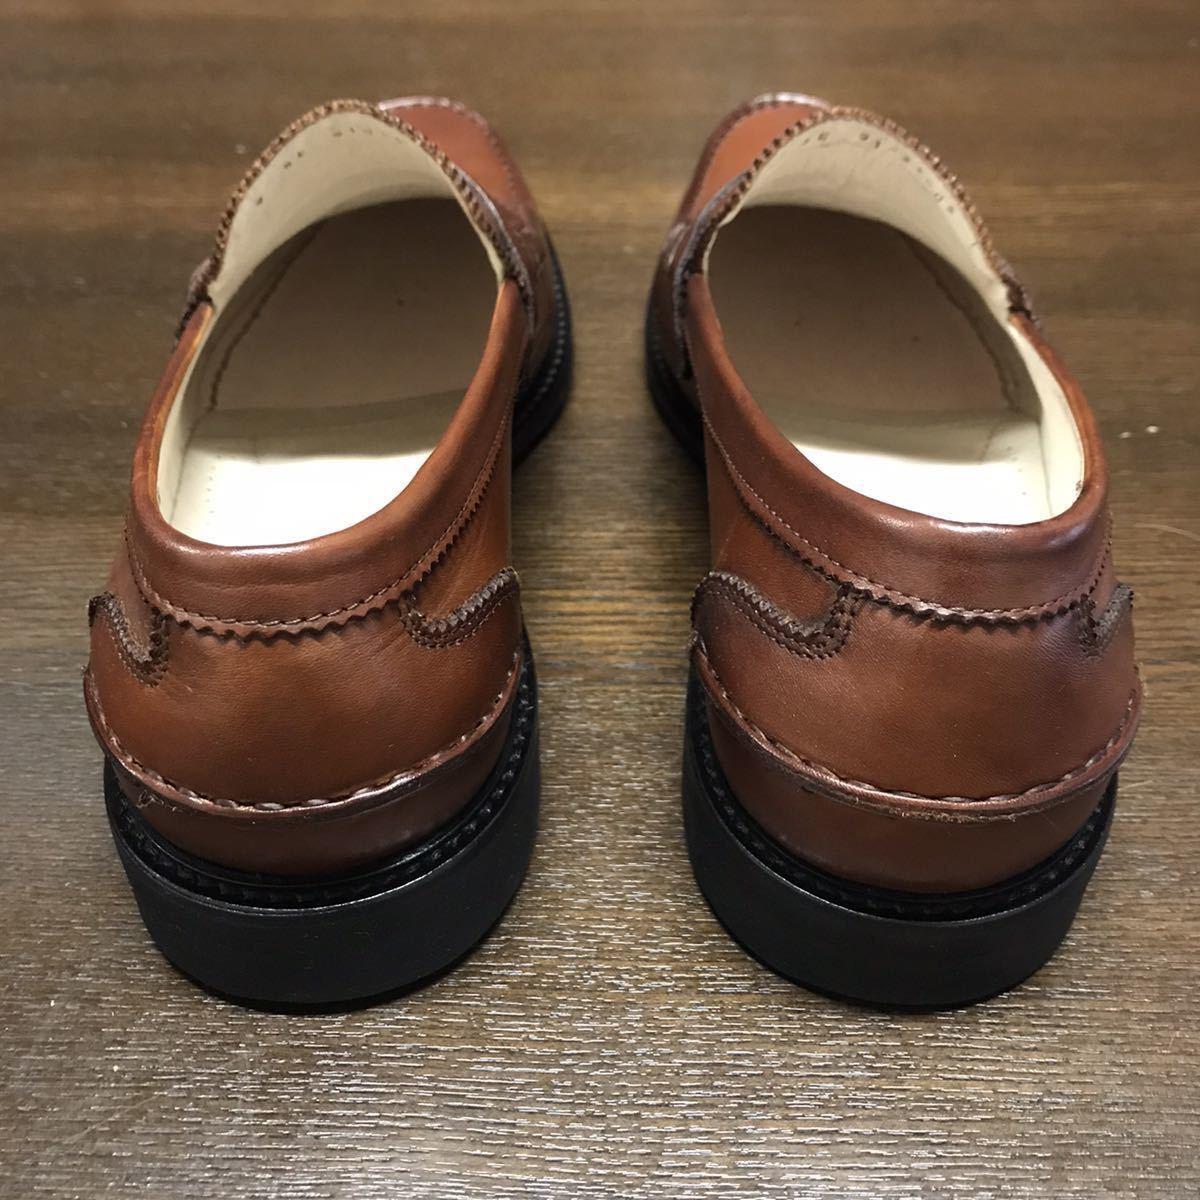 即決【送料0税0】新品 メンズ [UK9]28.0cm相当 4.8万 FLORSHEIM IMPERIAL フローシャイム 革靴 コインローファー モカシン レザーシューズ_画像5